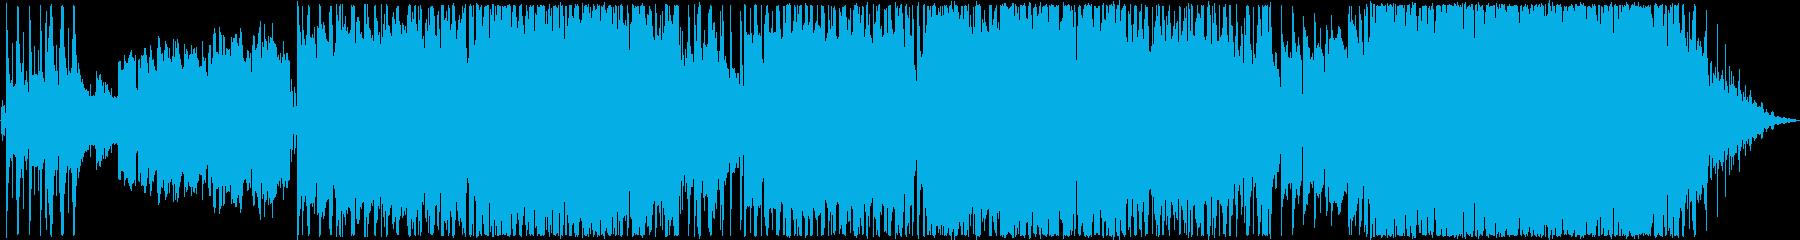 明るく切ないバラードの再生済みの波形